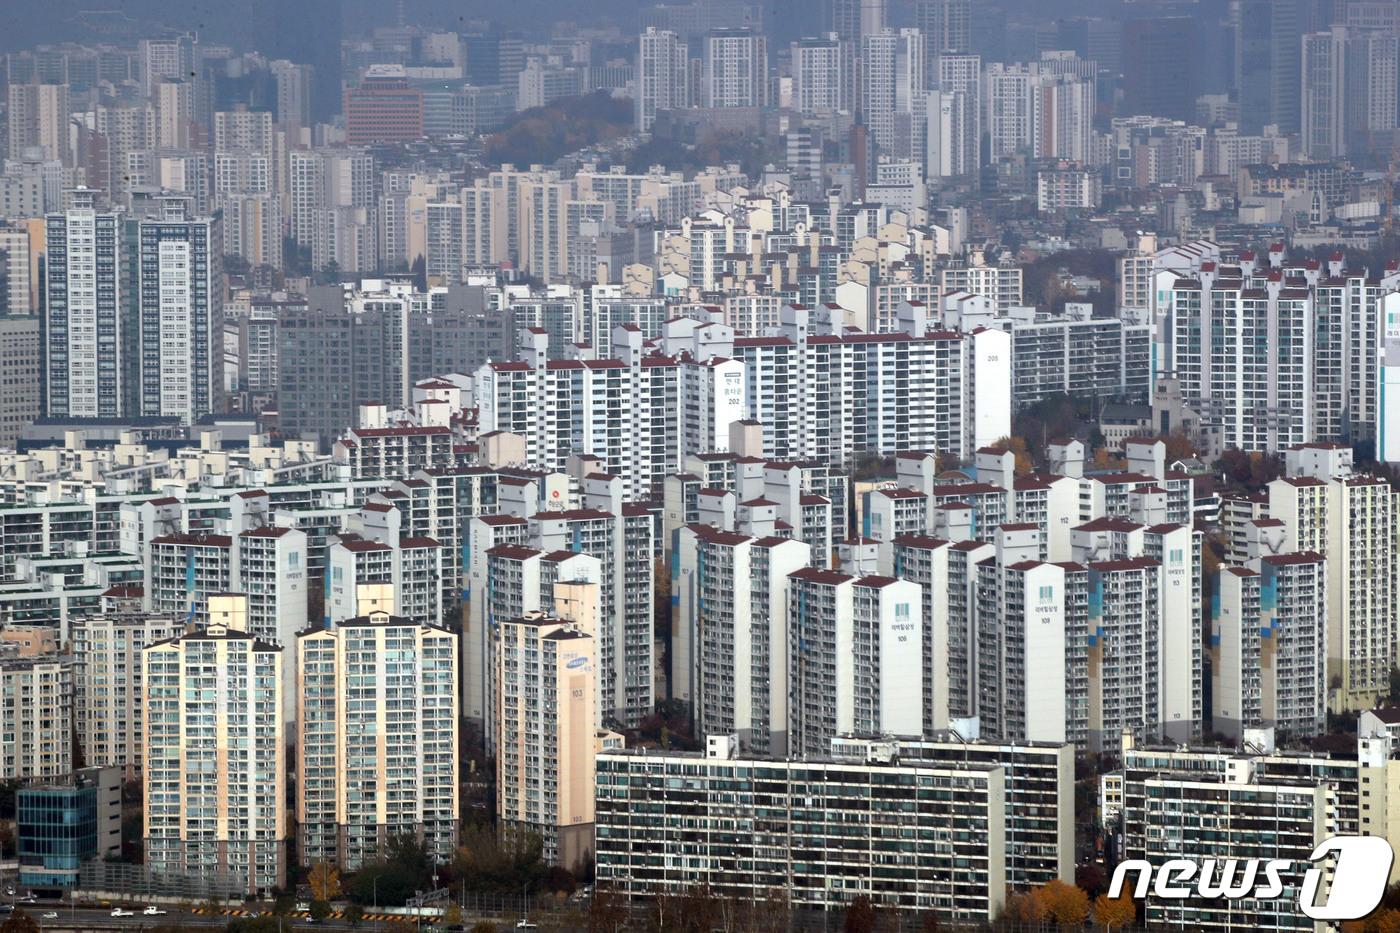 16일 서울 도심의 아파트 단지 모습. 2020.11.16/뉴스1 ⓒ News1 이광호 기자